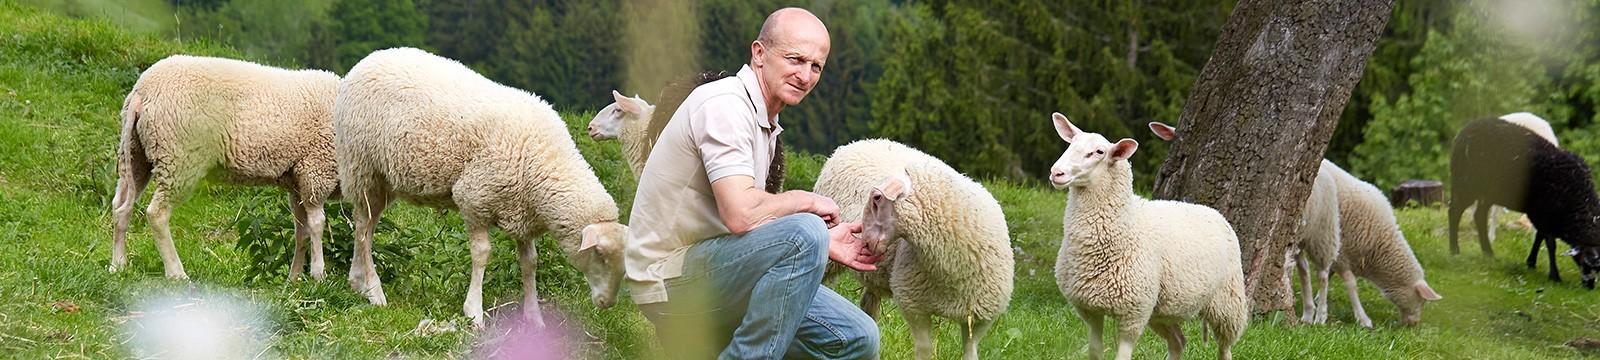 Käse vom Schaf